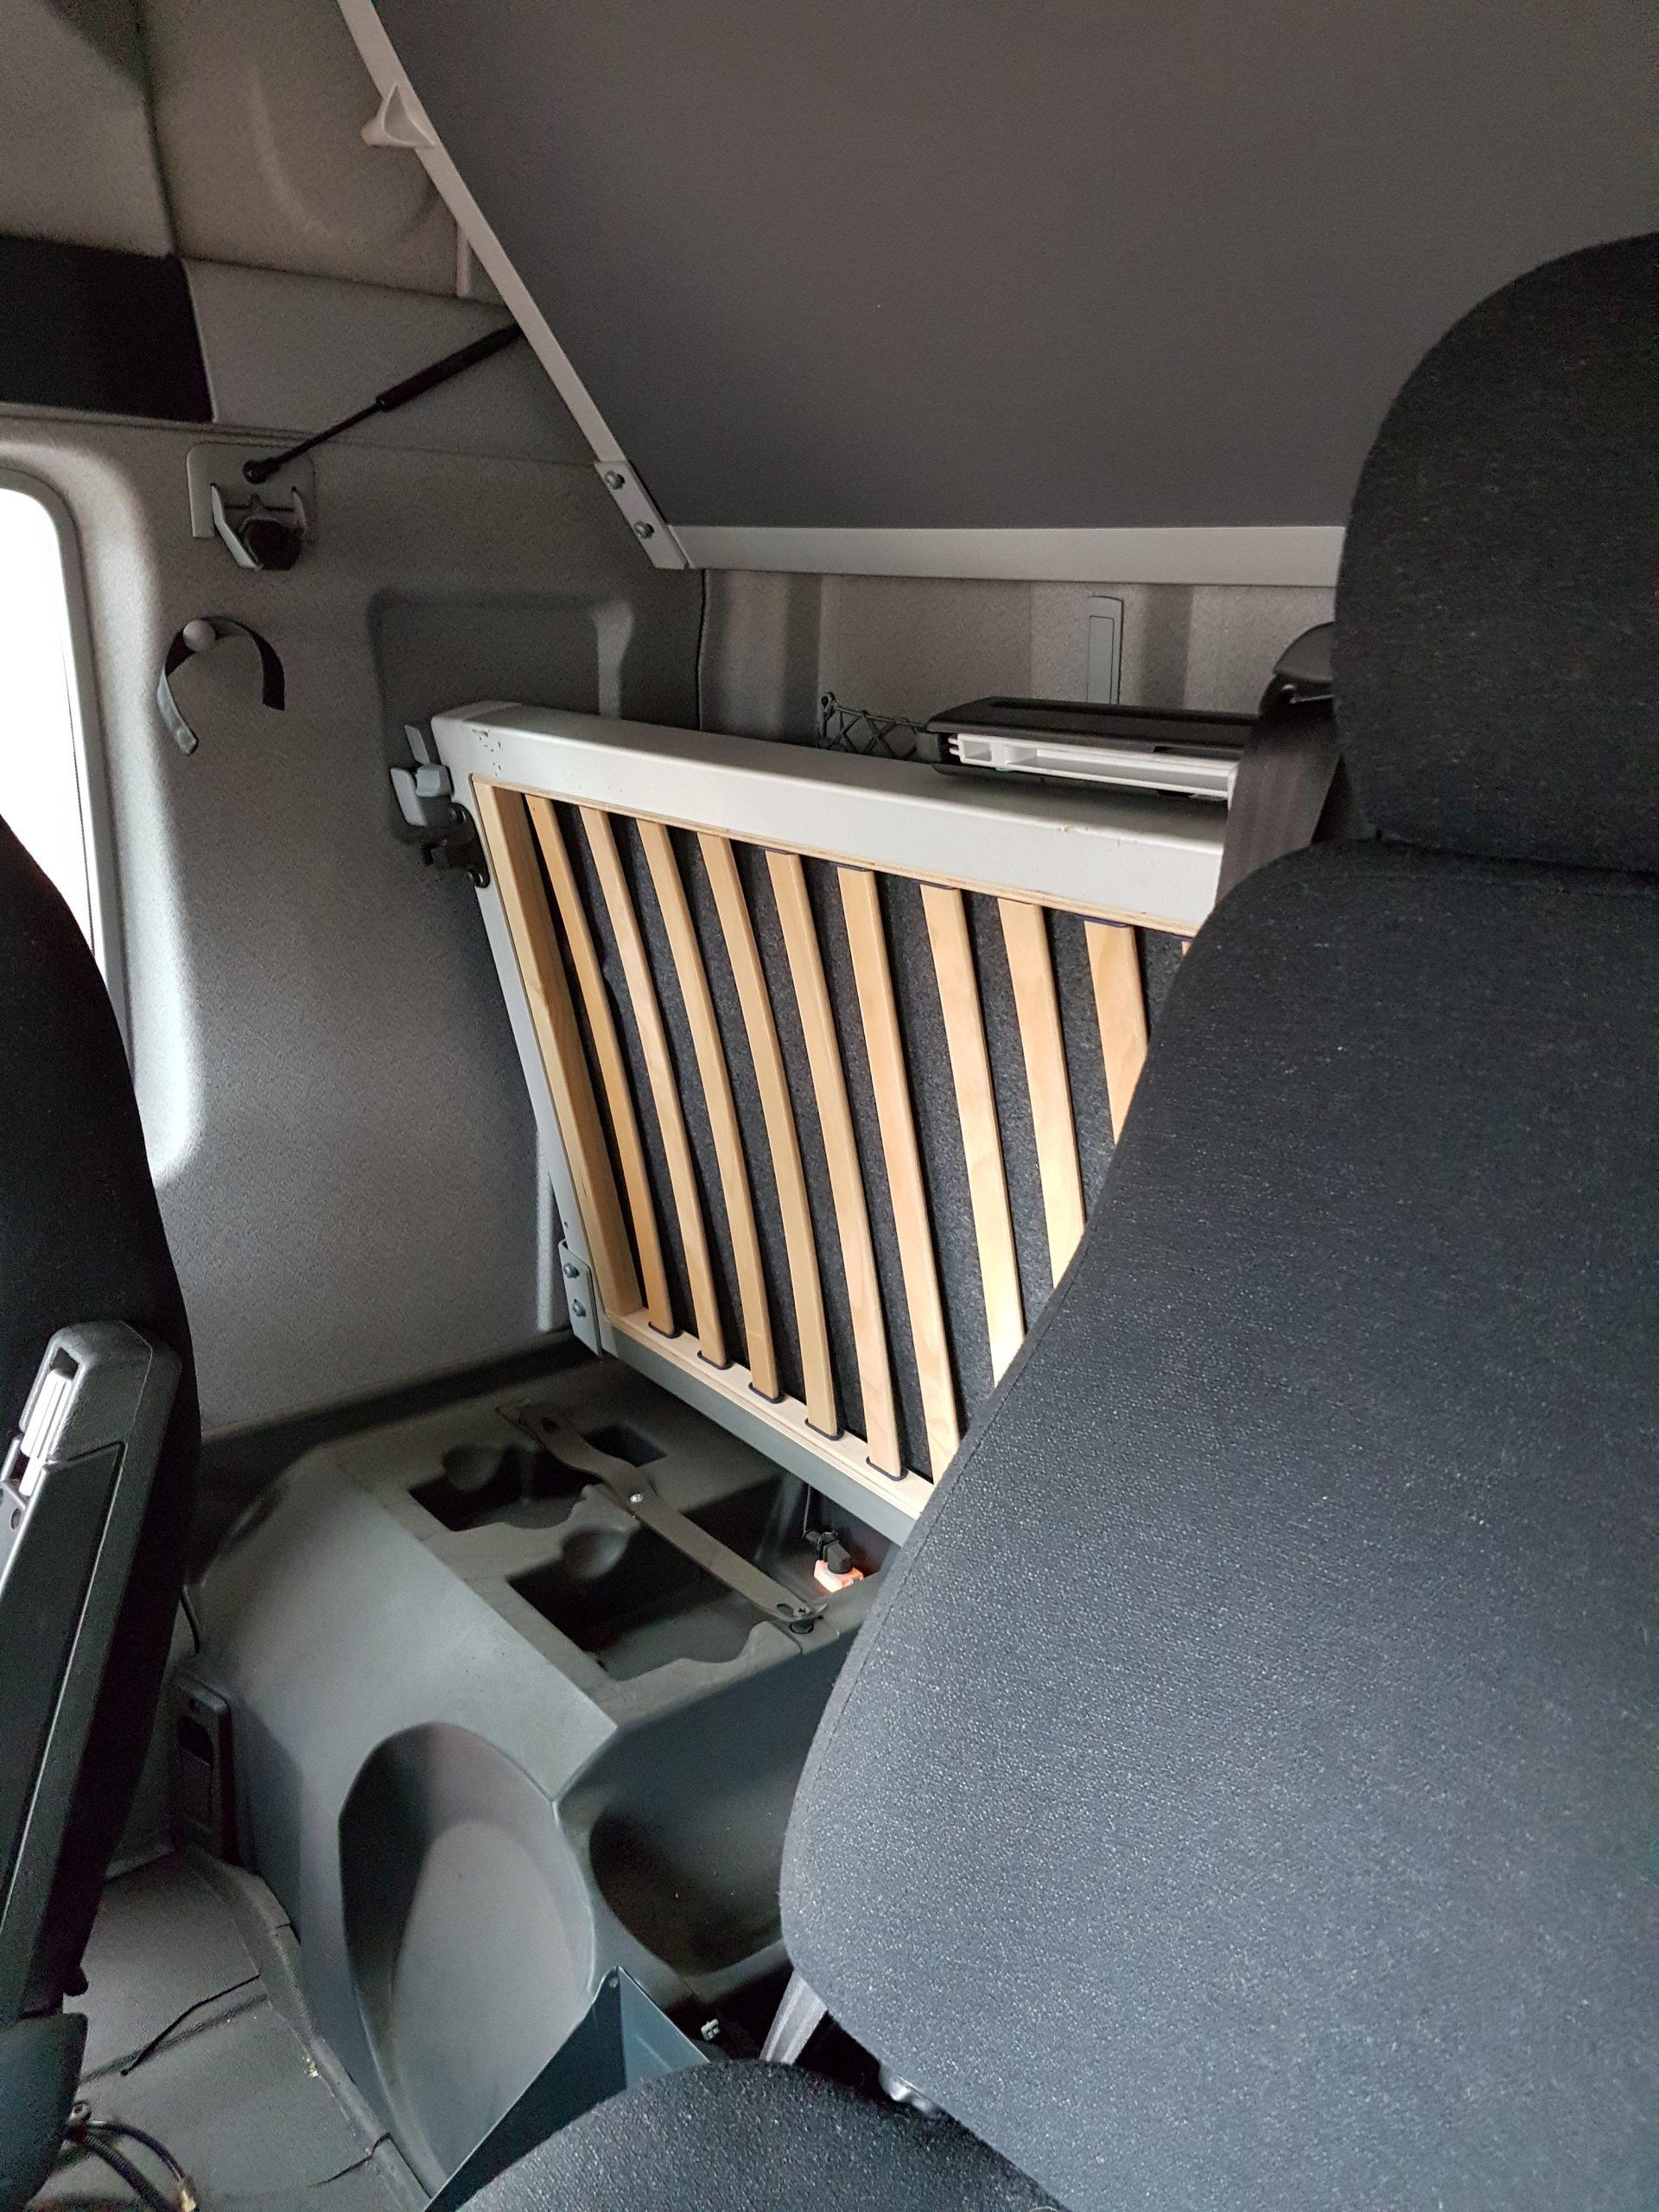 Lorry cab rear